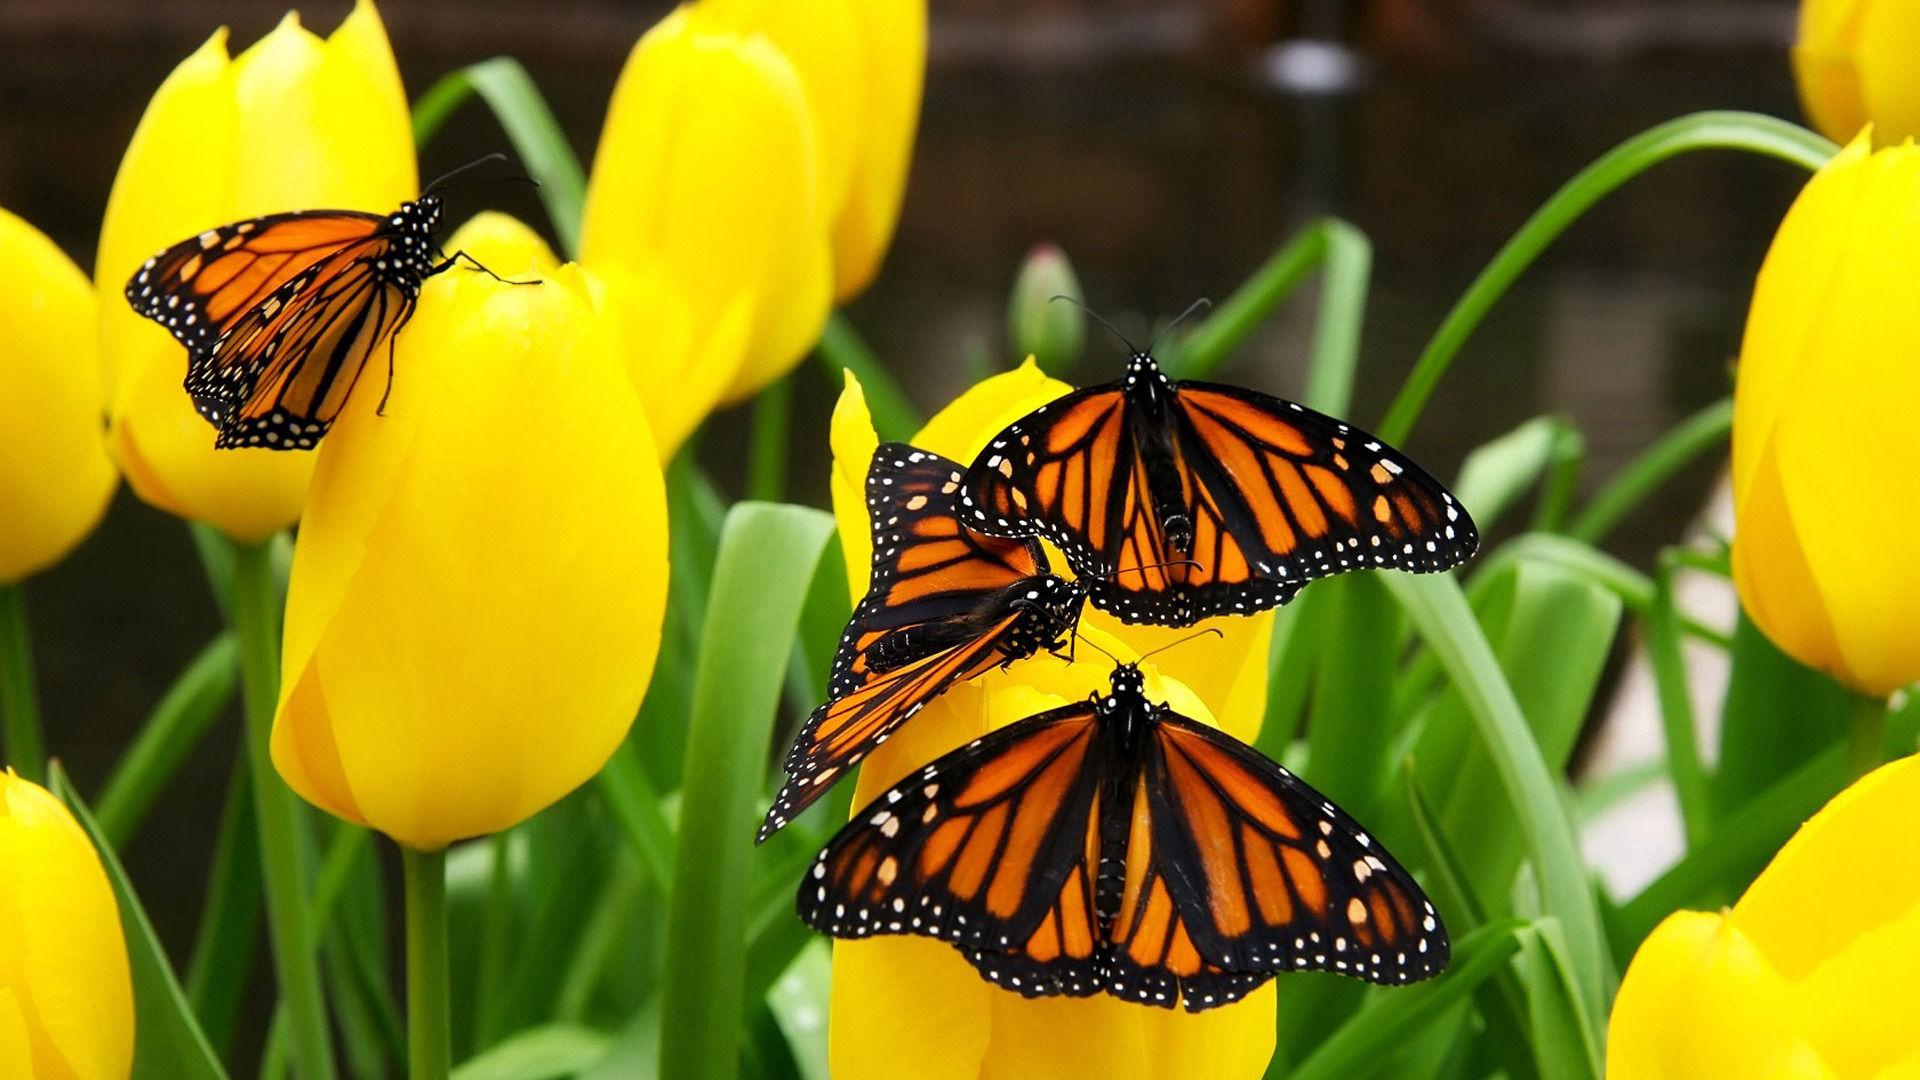 Wallpapers papillon hd le color de fleur x fonds d cran photo 1366x768 - Image Papillon Sur Une Fleur Photo Papillon Wallpaper Hd Papillon Monarque Fond D Cran Hd Papillon Arri Re